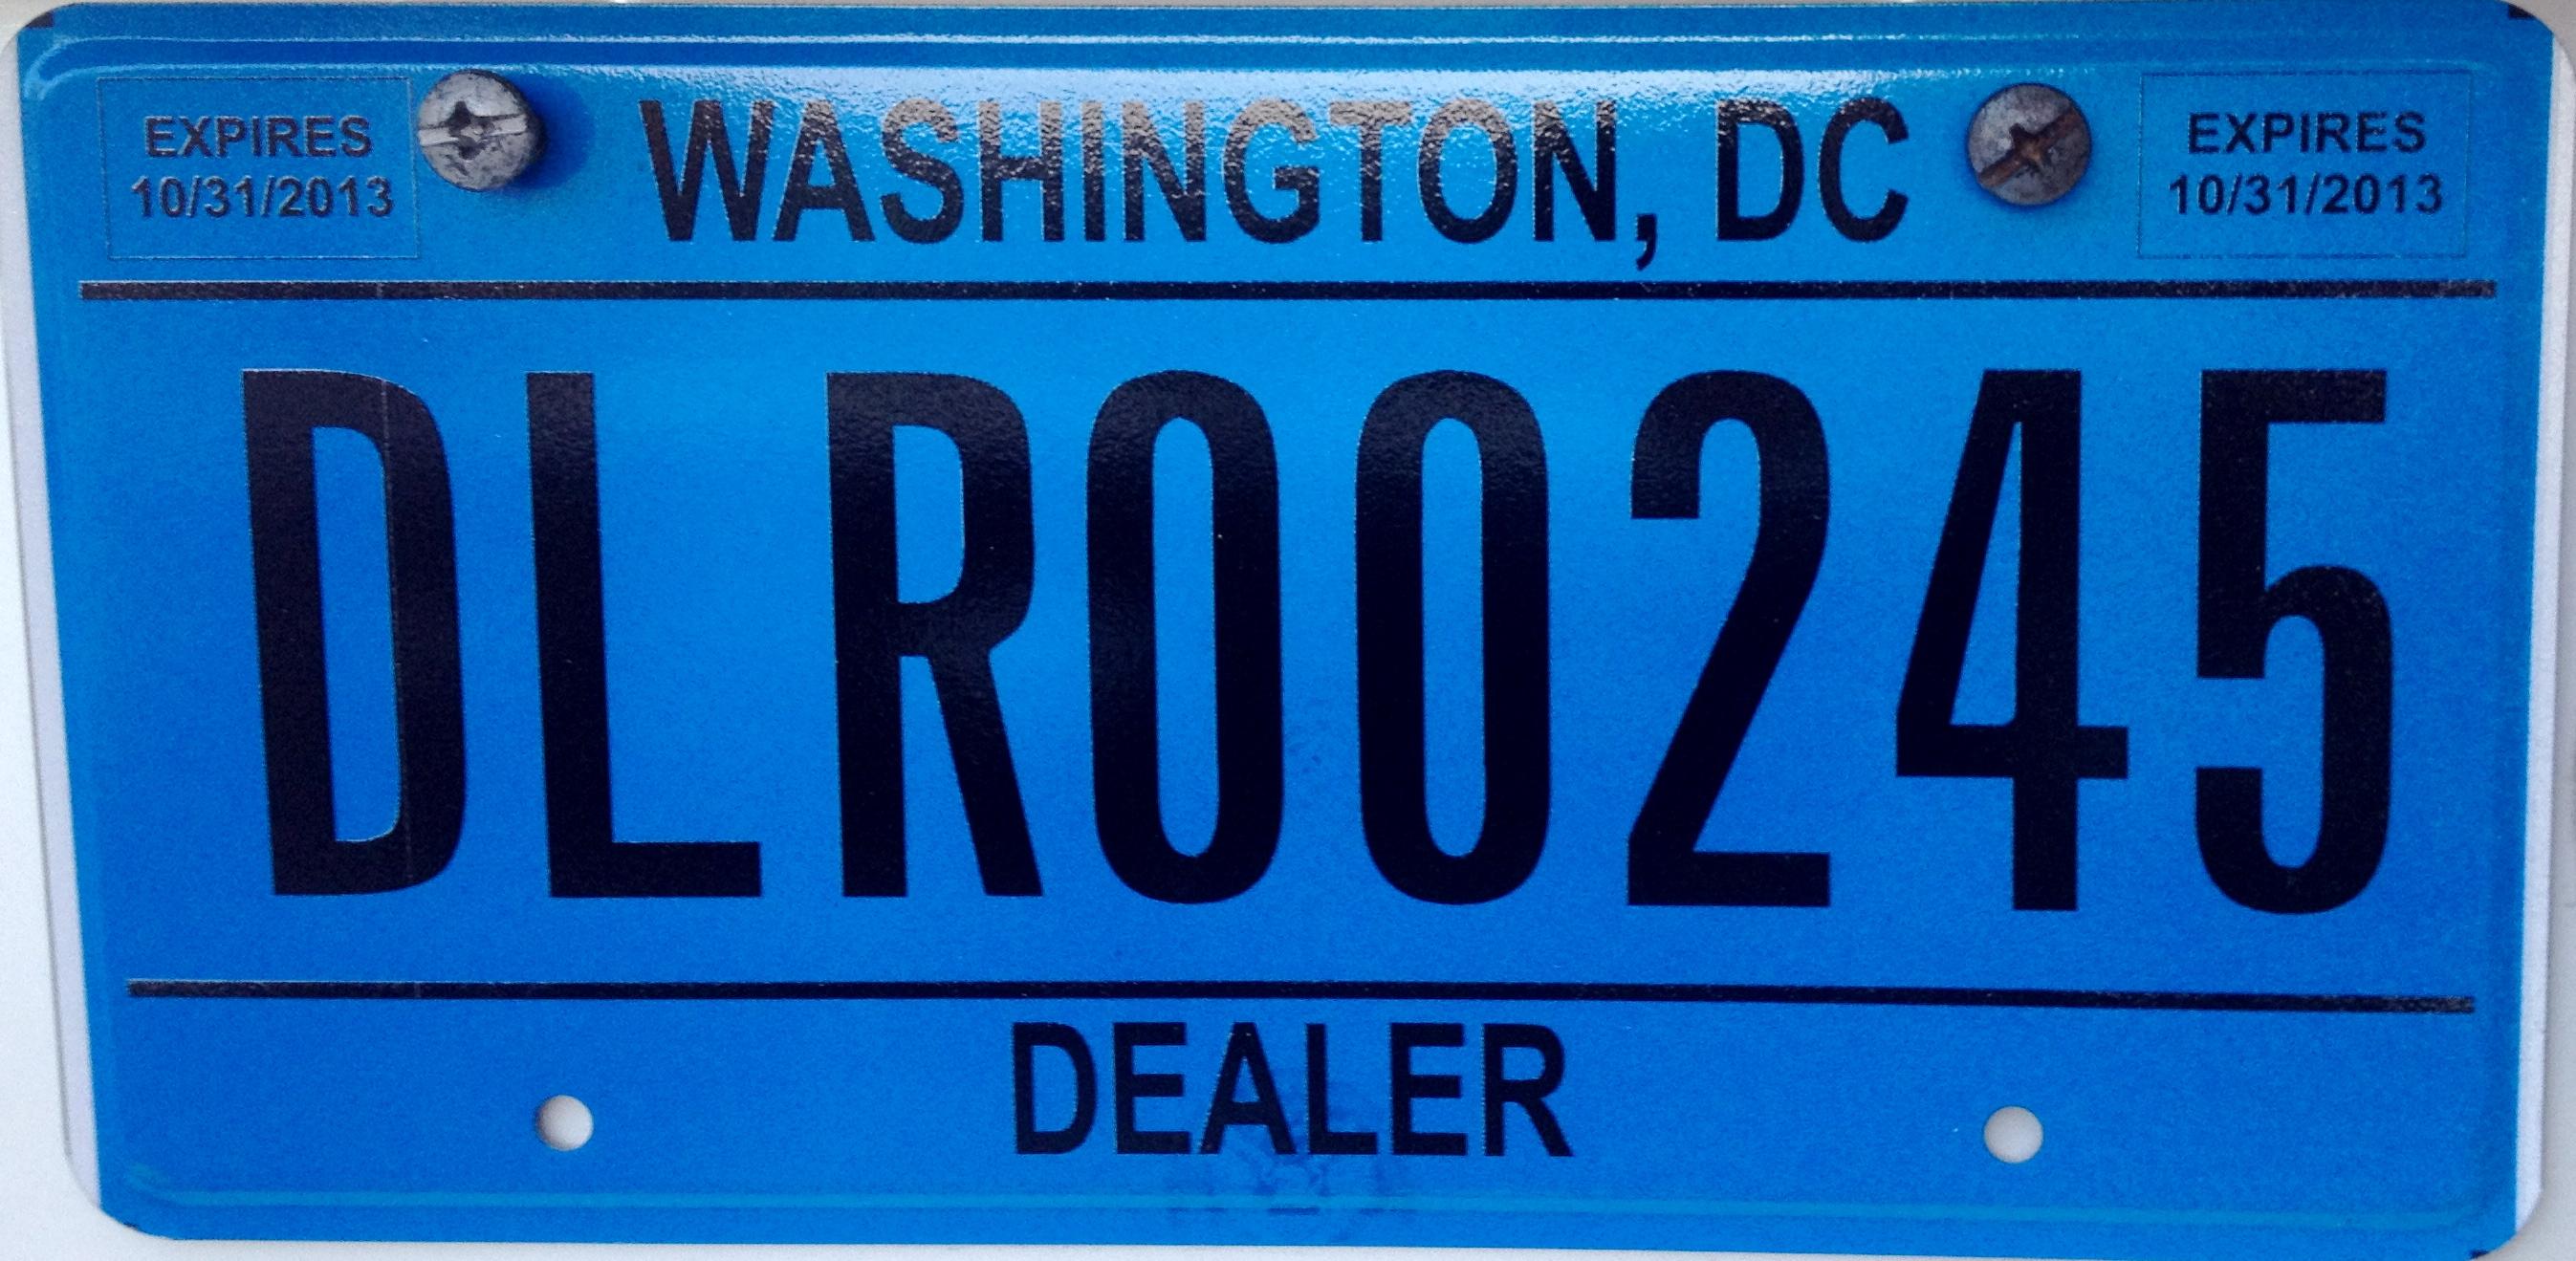 File:2013 Washington, D.C. dealer vehicle registration plate.JPG ...